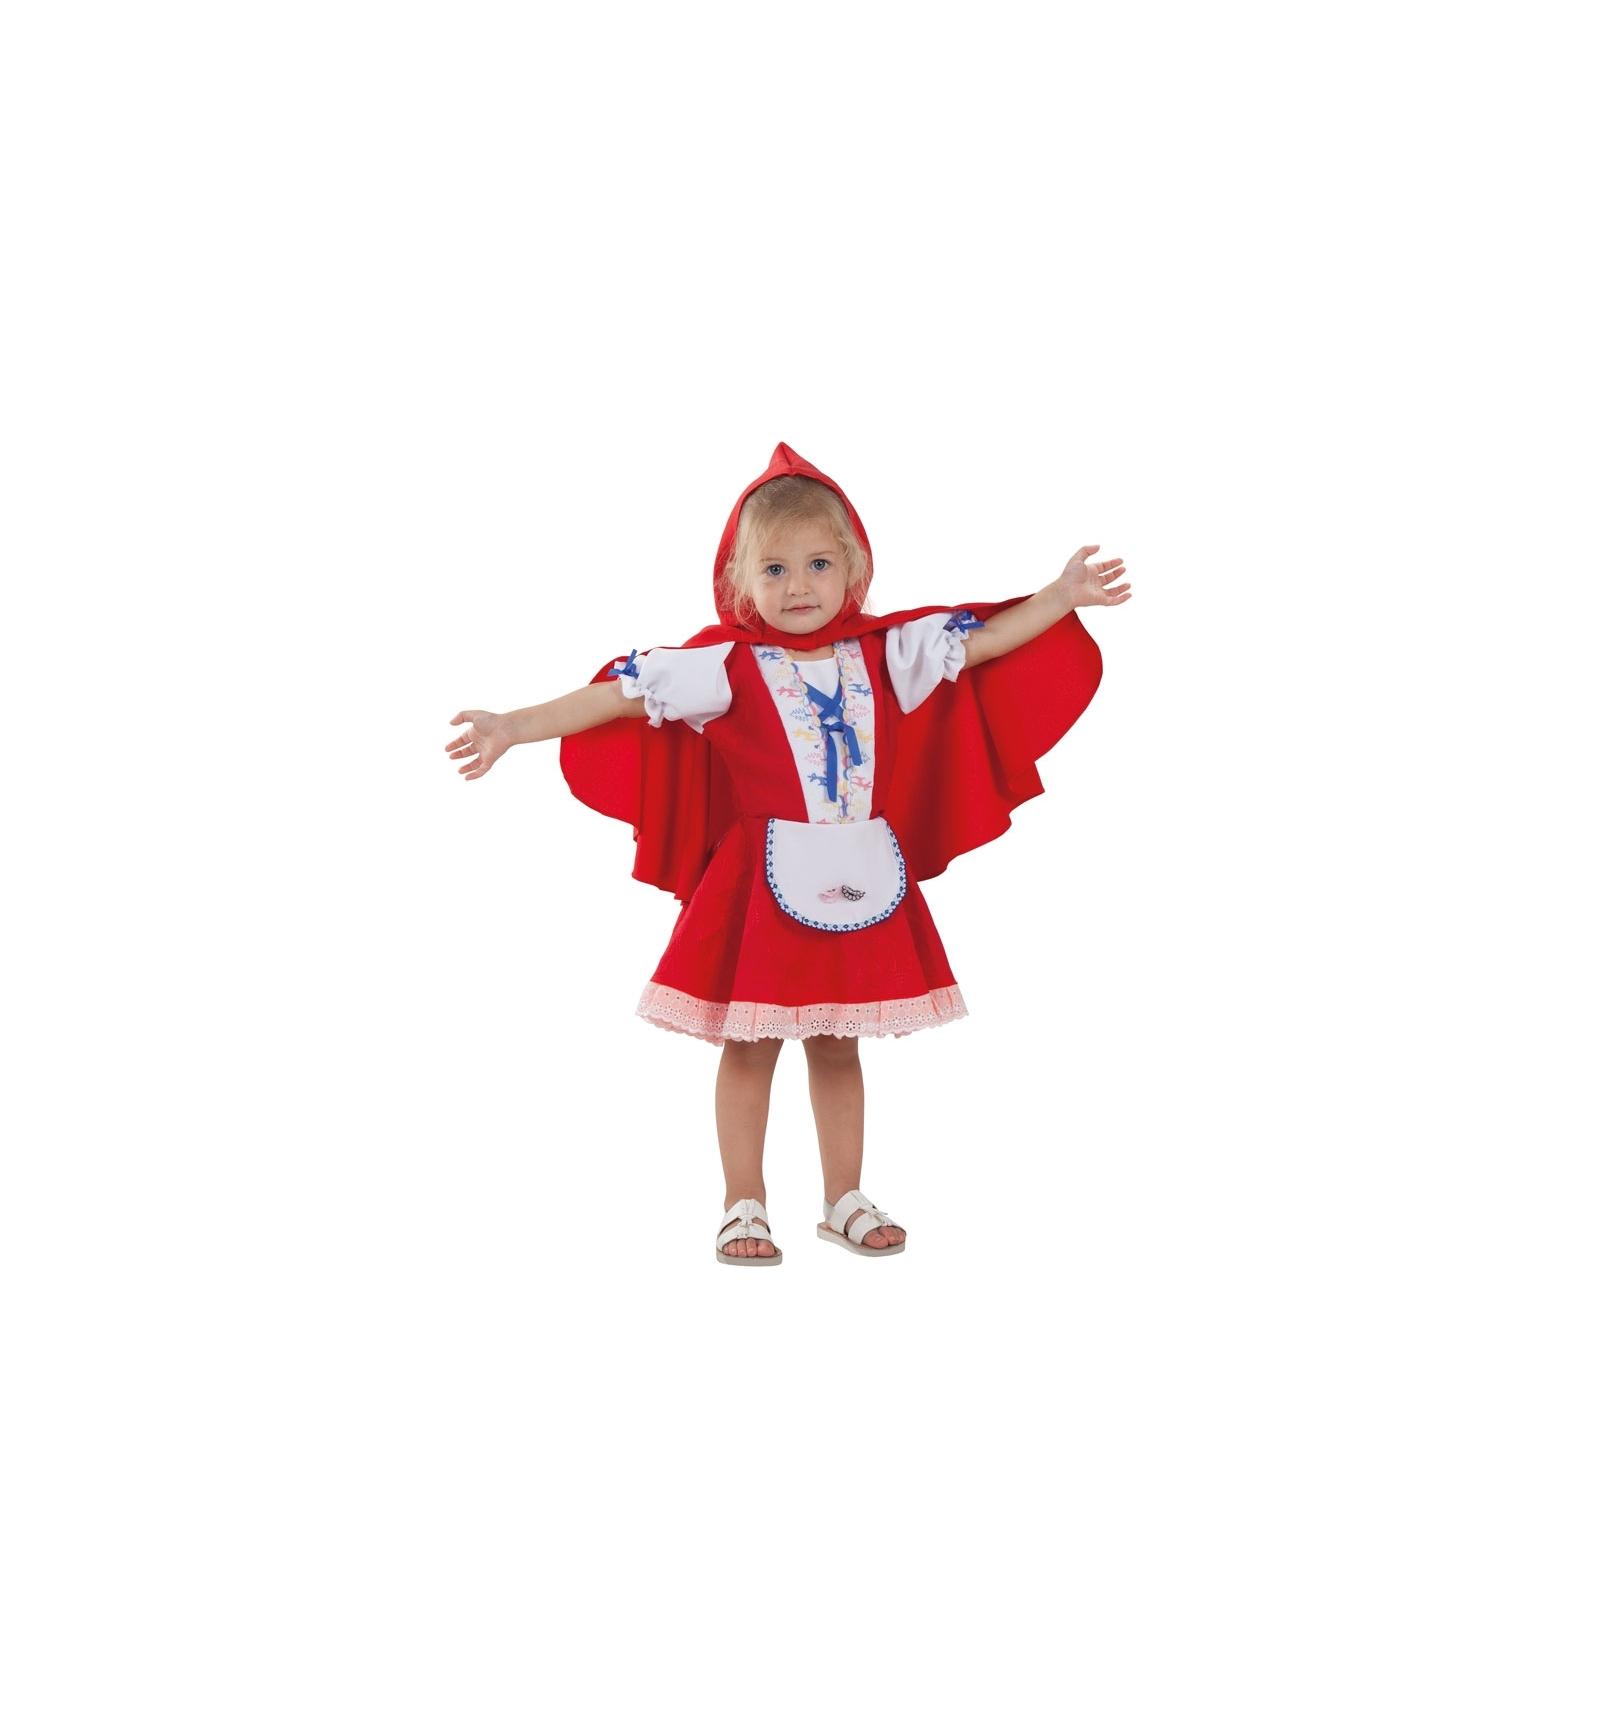 Disfraz caperucita roja bebe tienda de disfraces online - Disfraz bebe caperucita roja ...